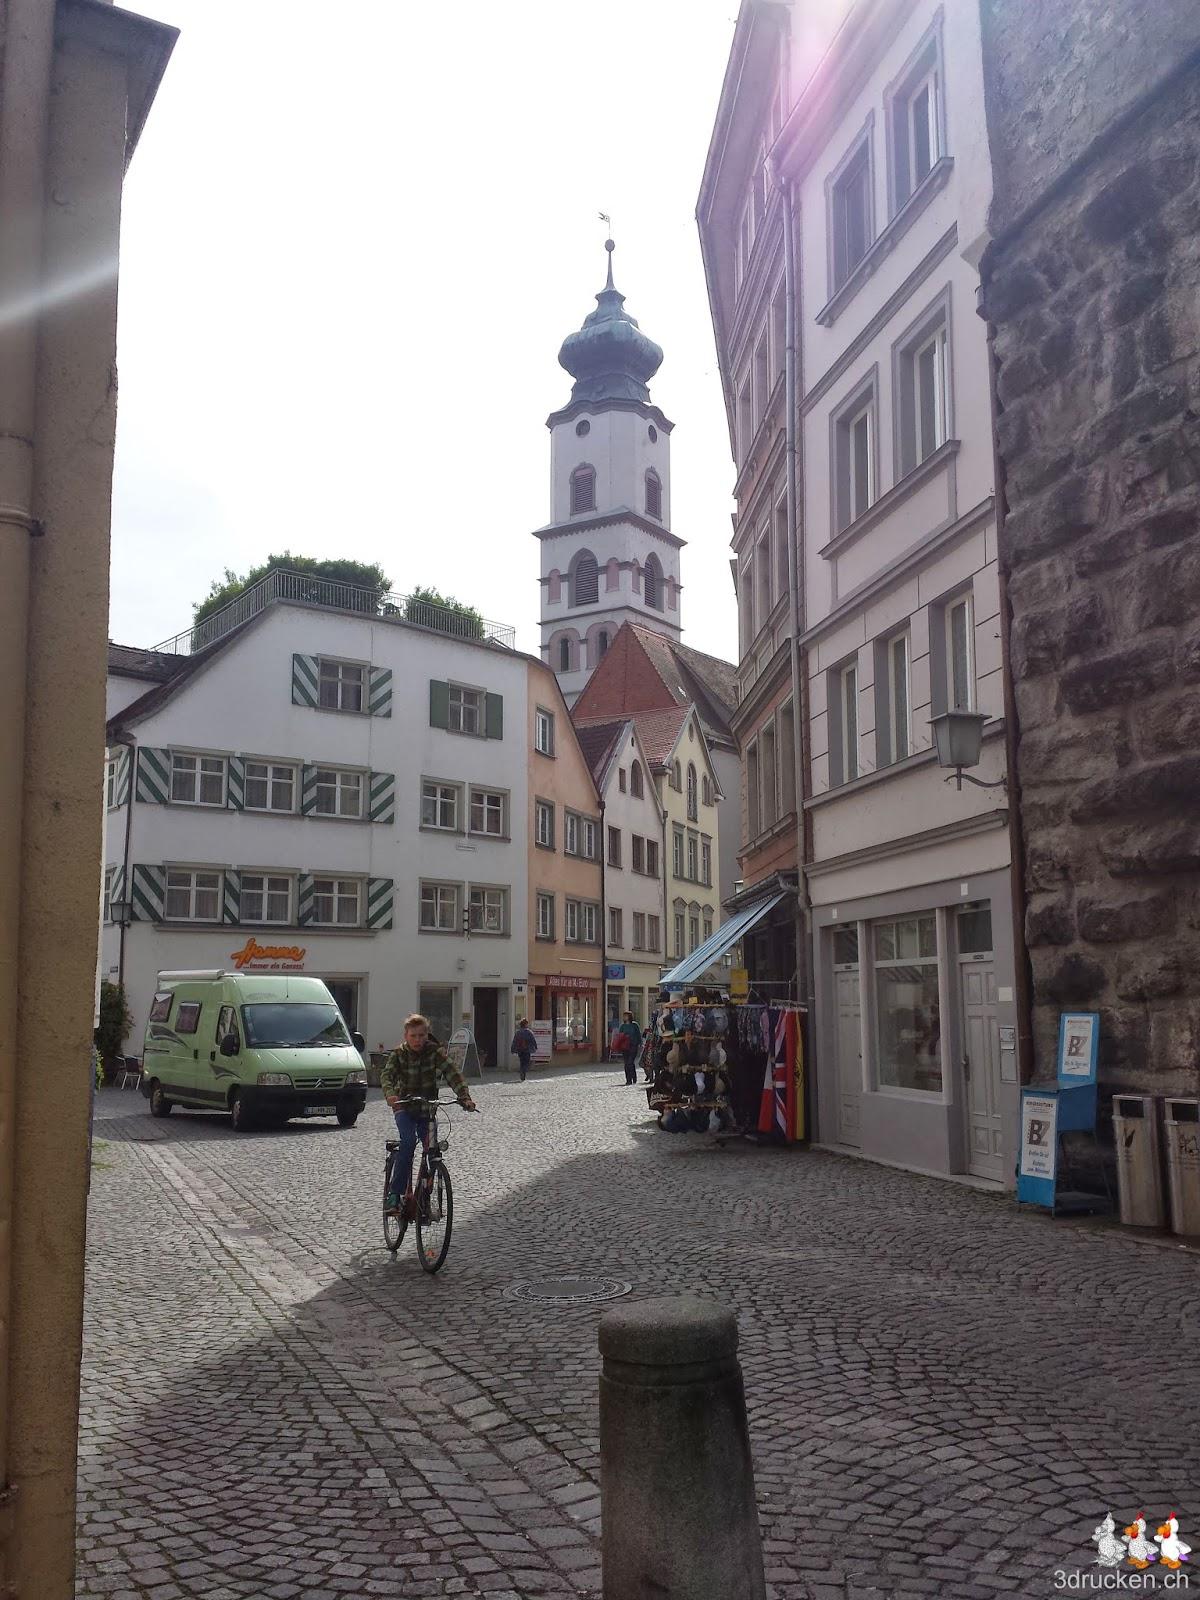 Foto in eine Gasse mit dem typischen Kopfsteinpflaster, im Hintergrund ein Kirchturm